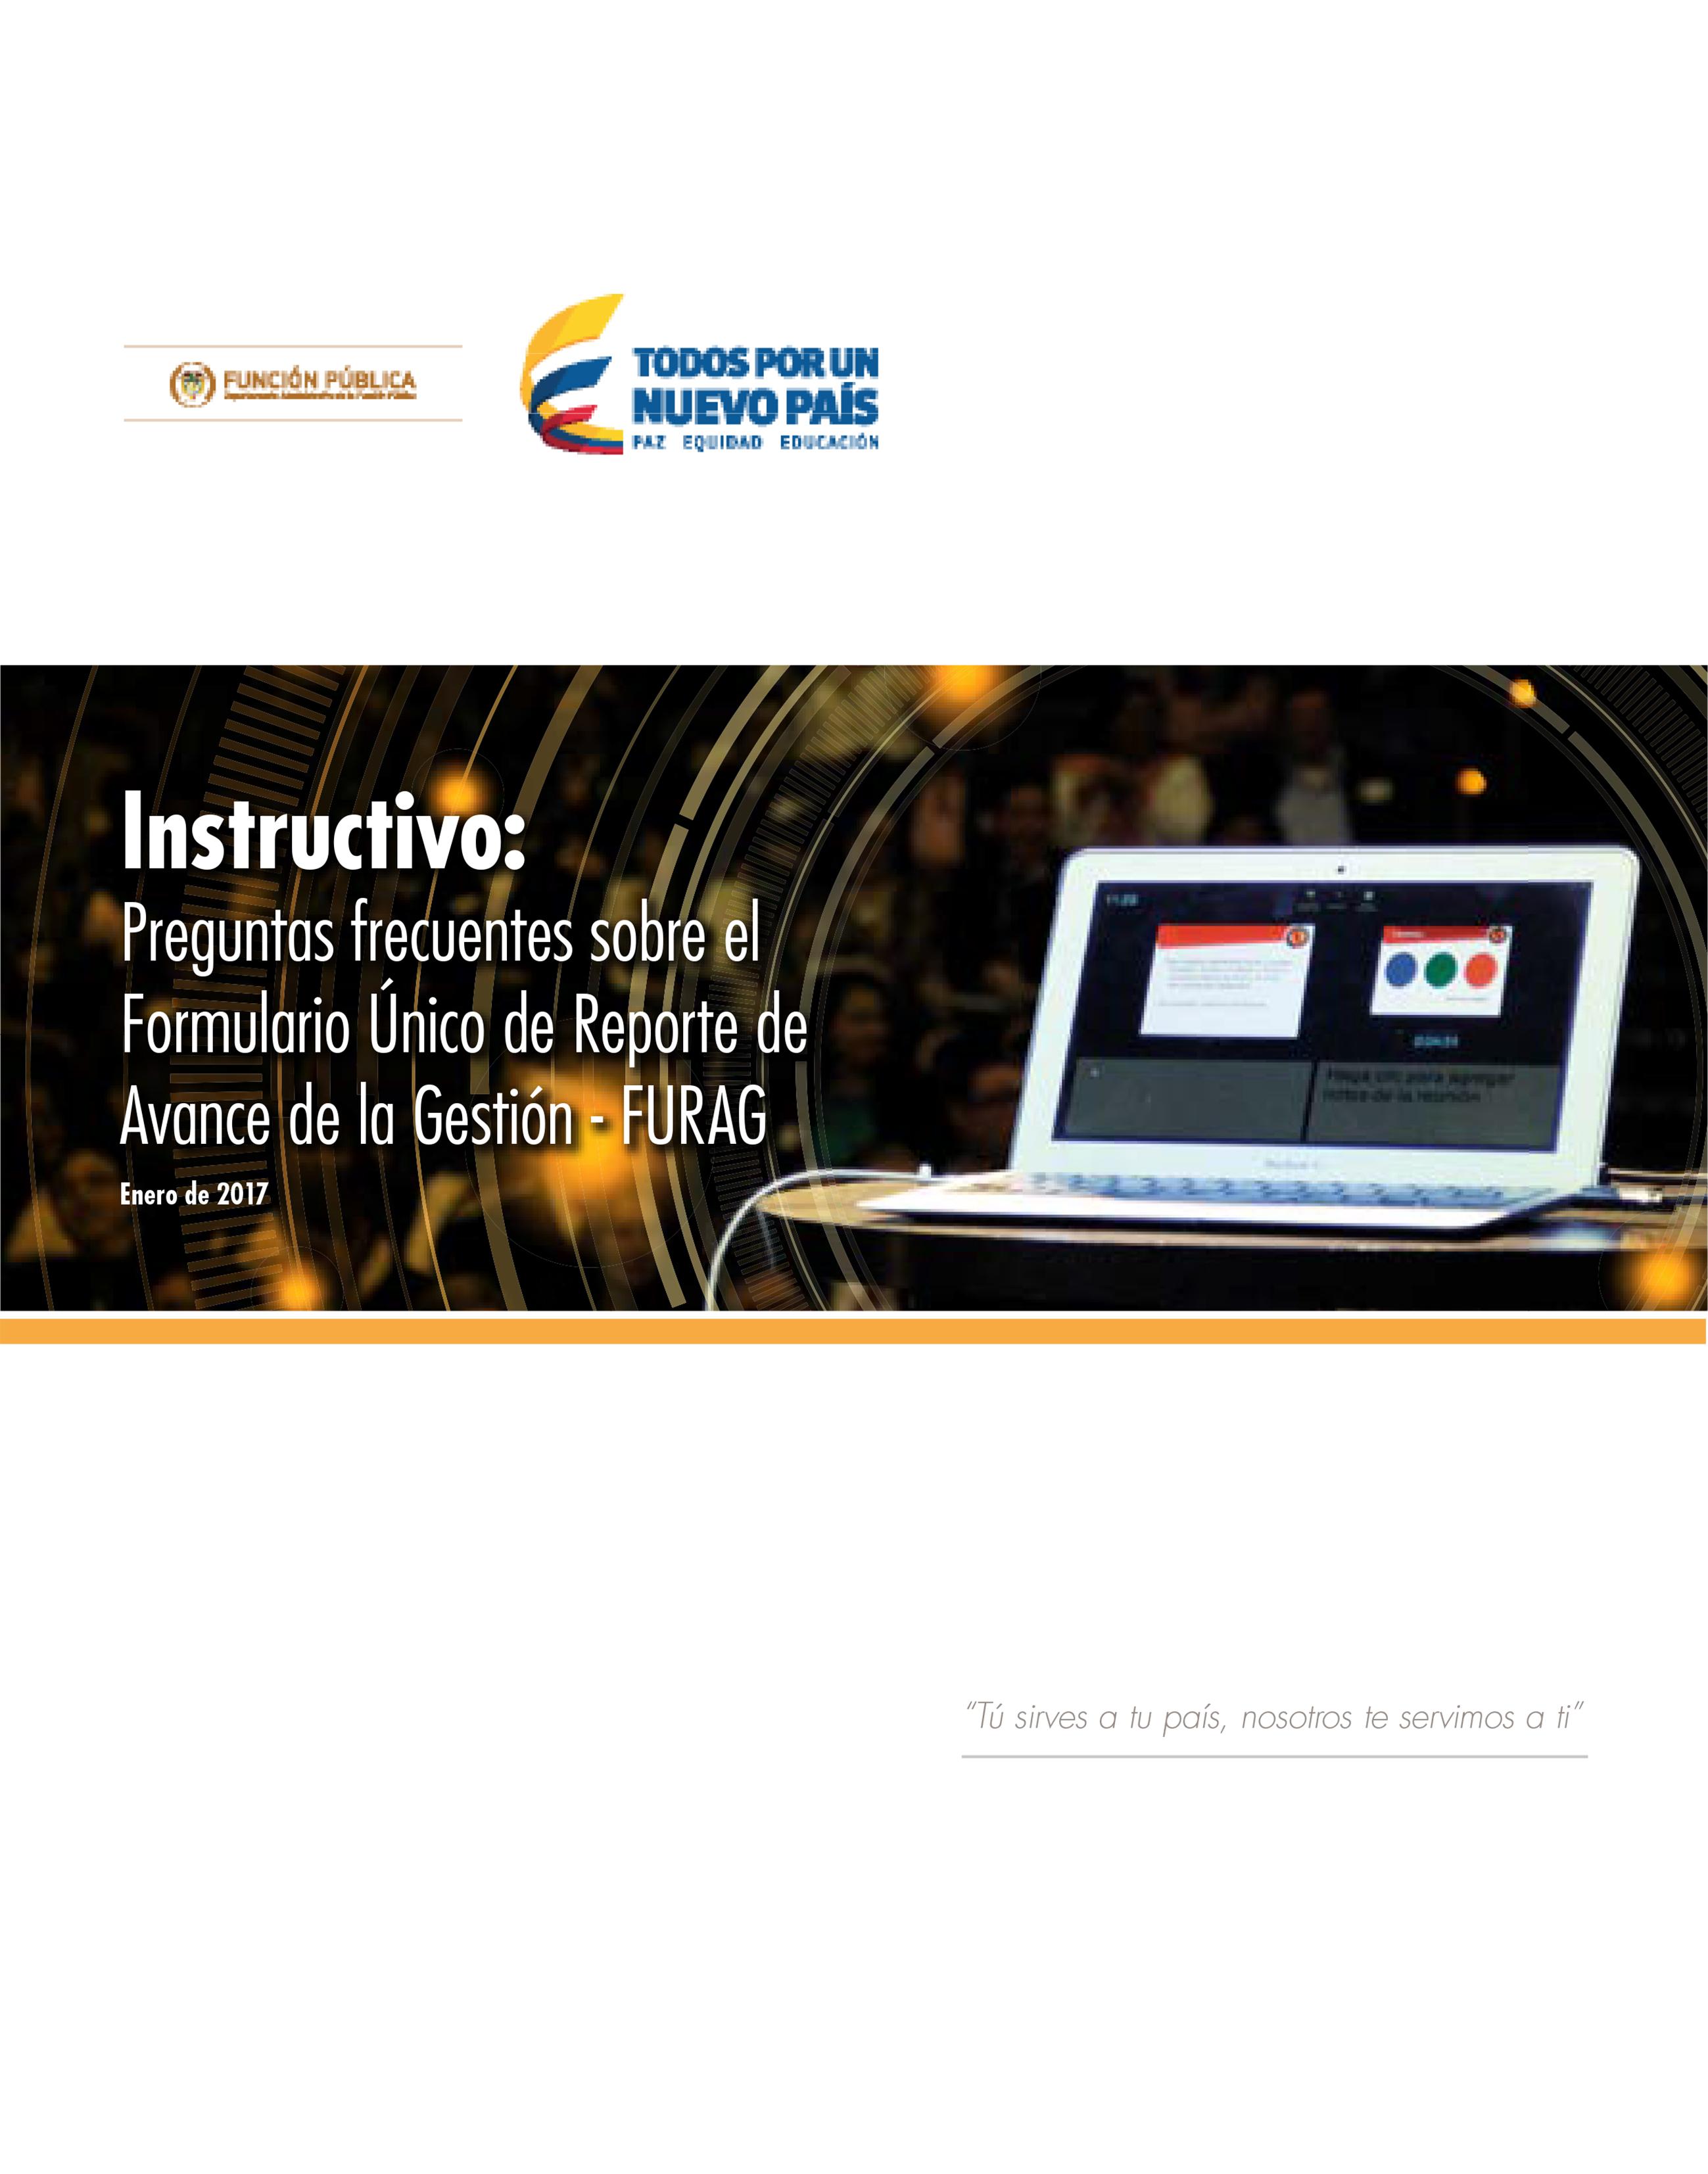 Instructivo: Preguntas frecuentes sobre el Formulario Único de Reporte de Avance de la Gestión - FURAG